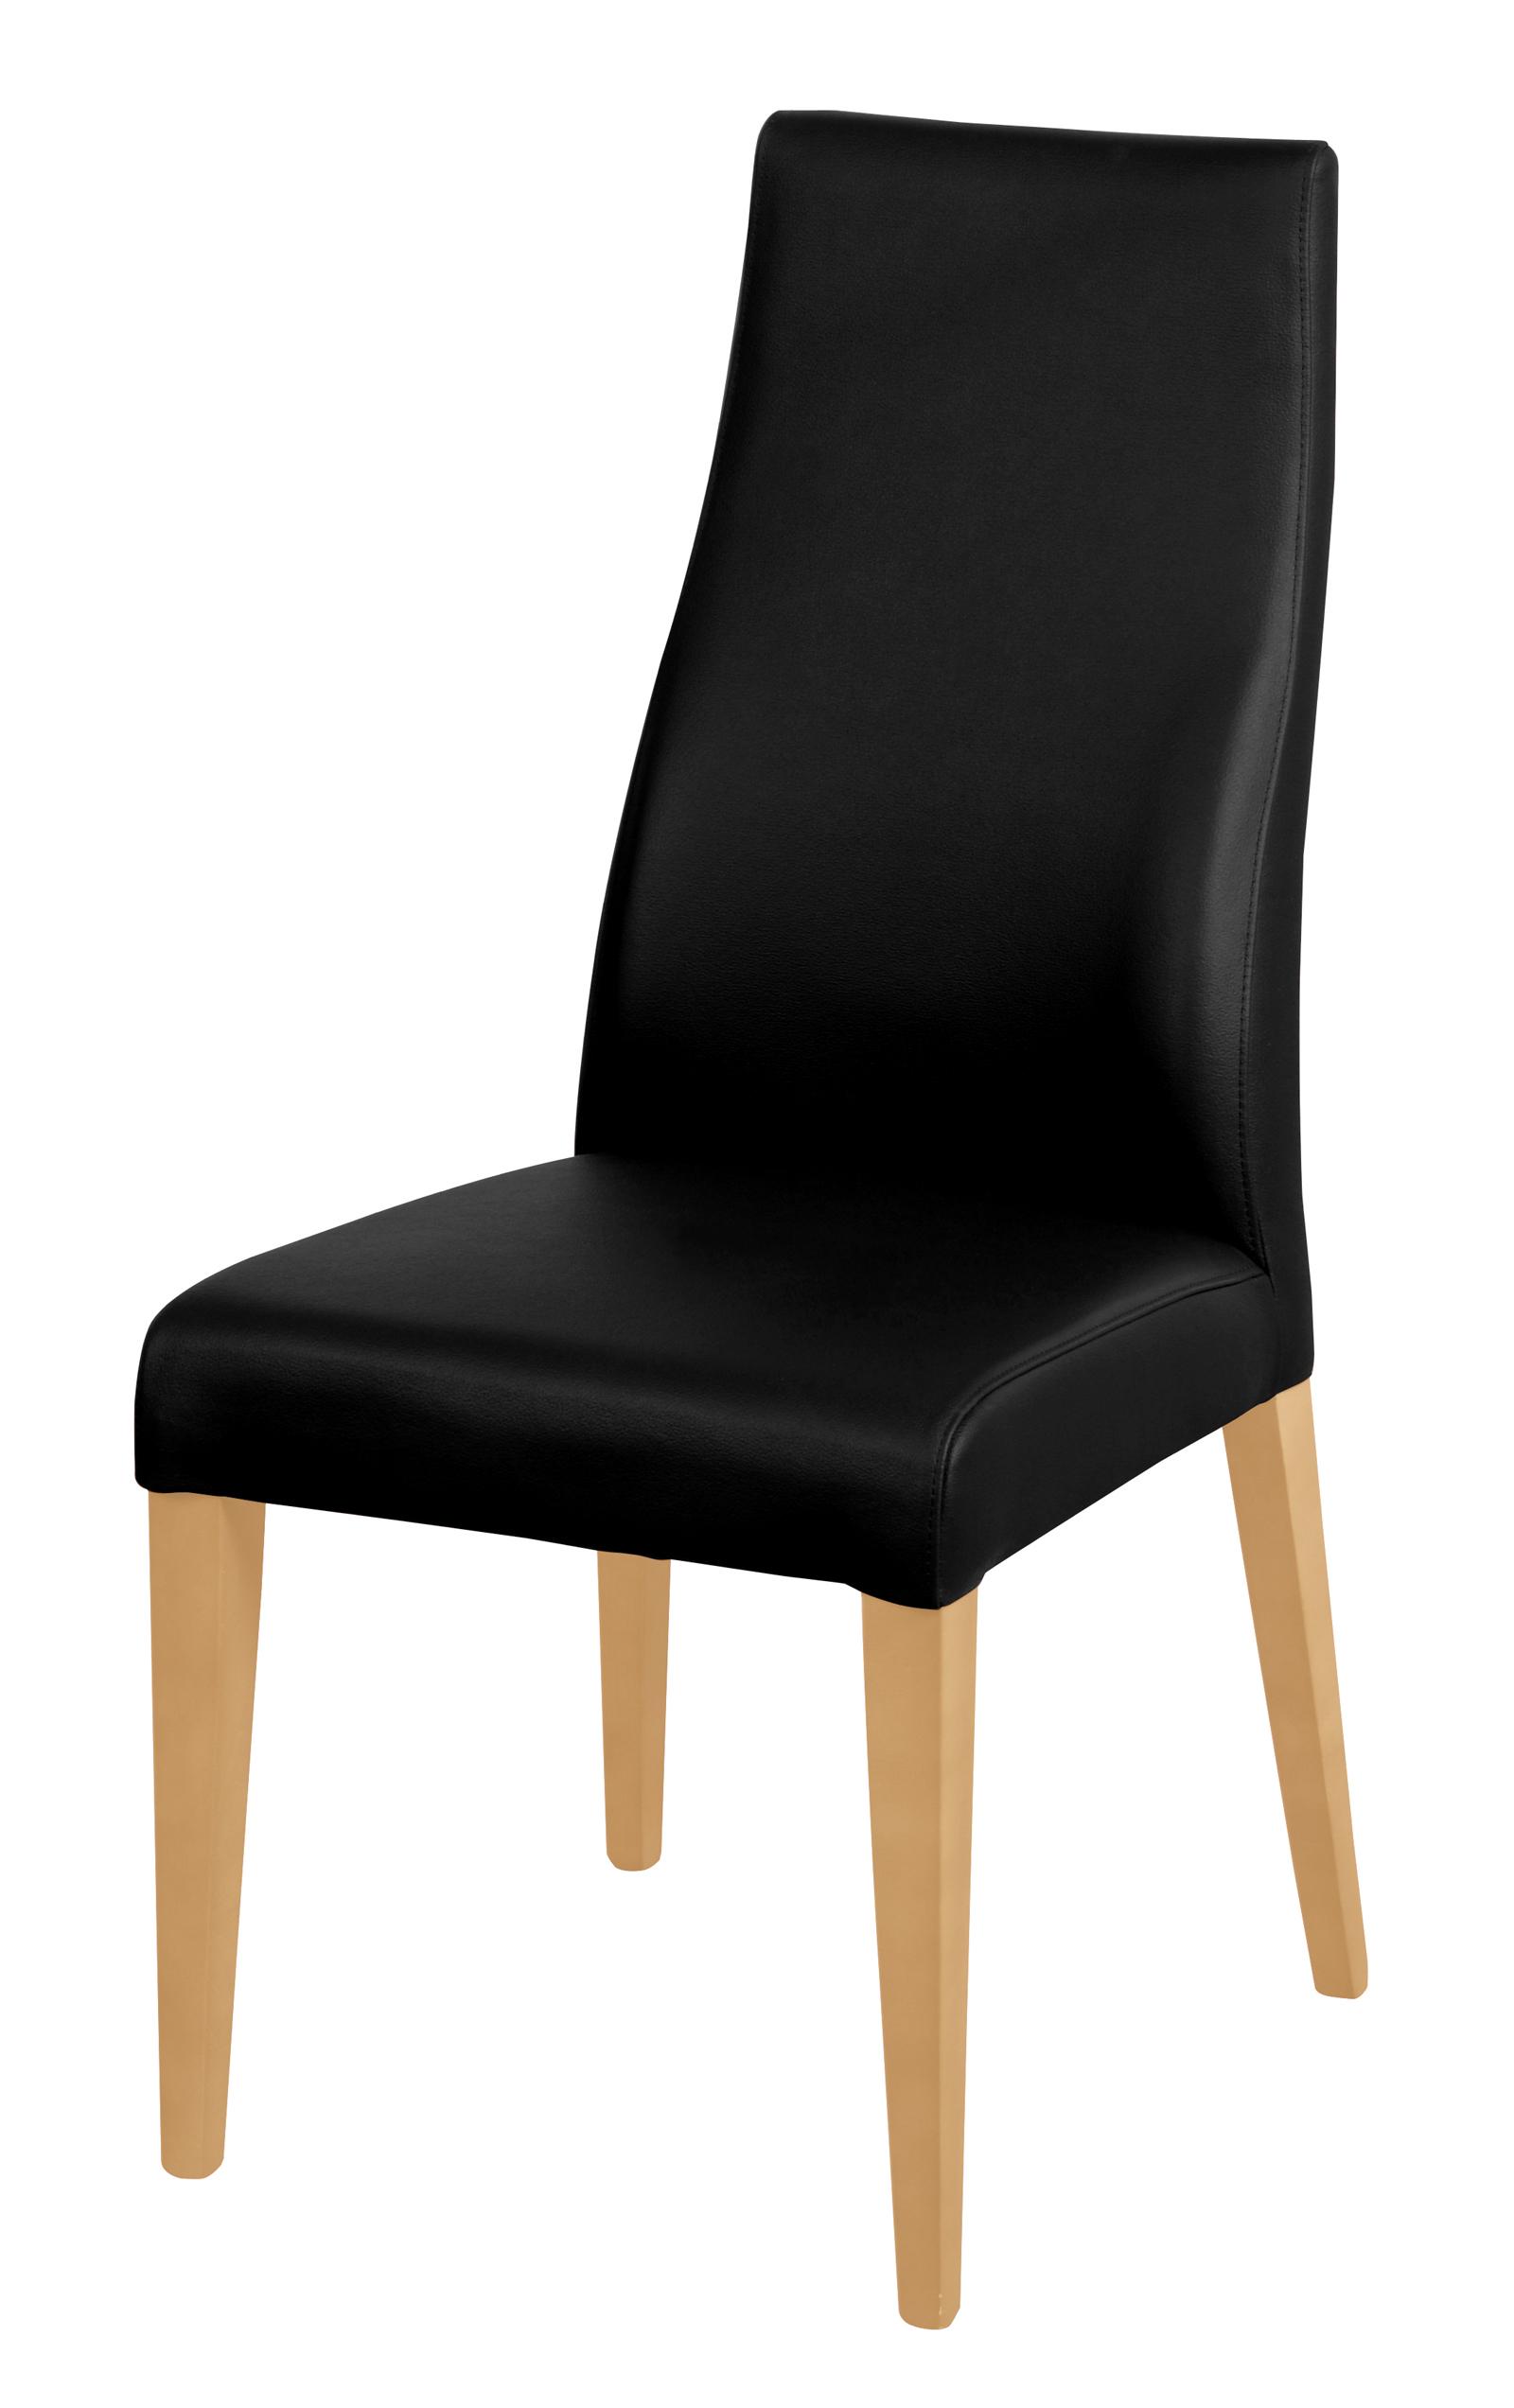 sam stuhl echtleder schwarz buche dickes leder bj rn auf lager. Black Bedroom Furniture Sets. Home Design Ideas